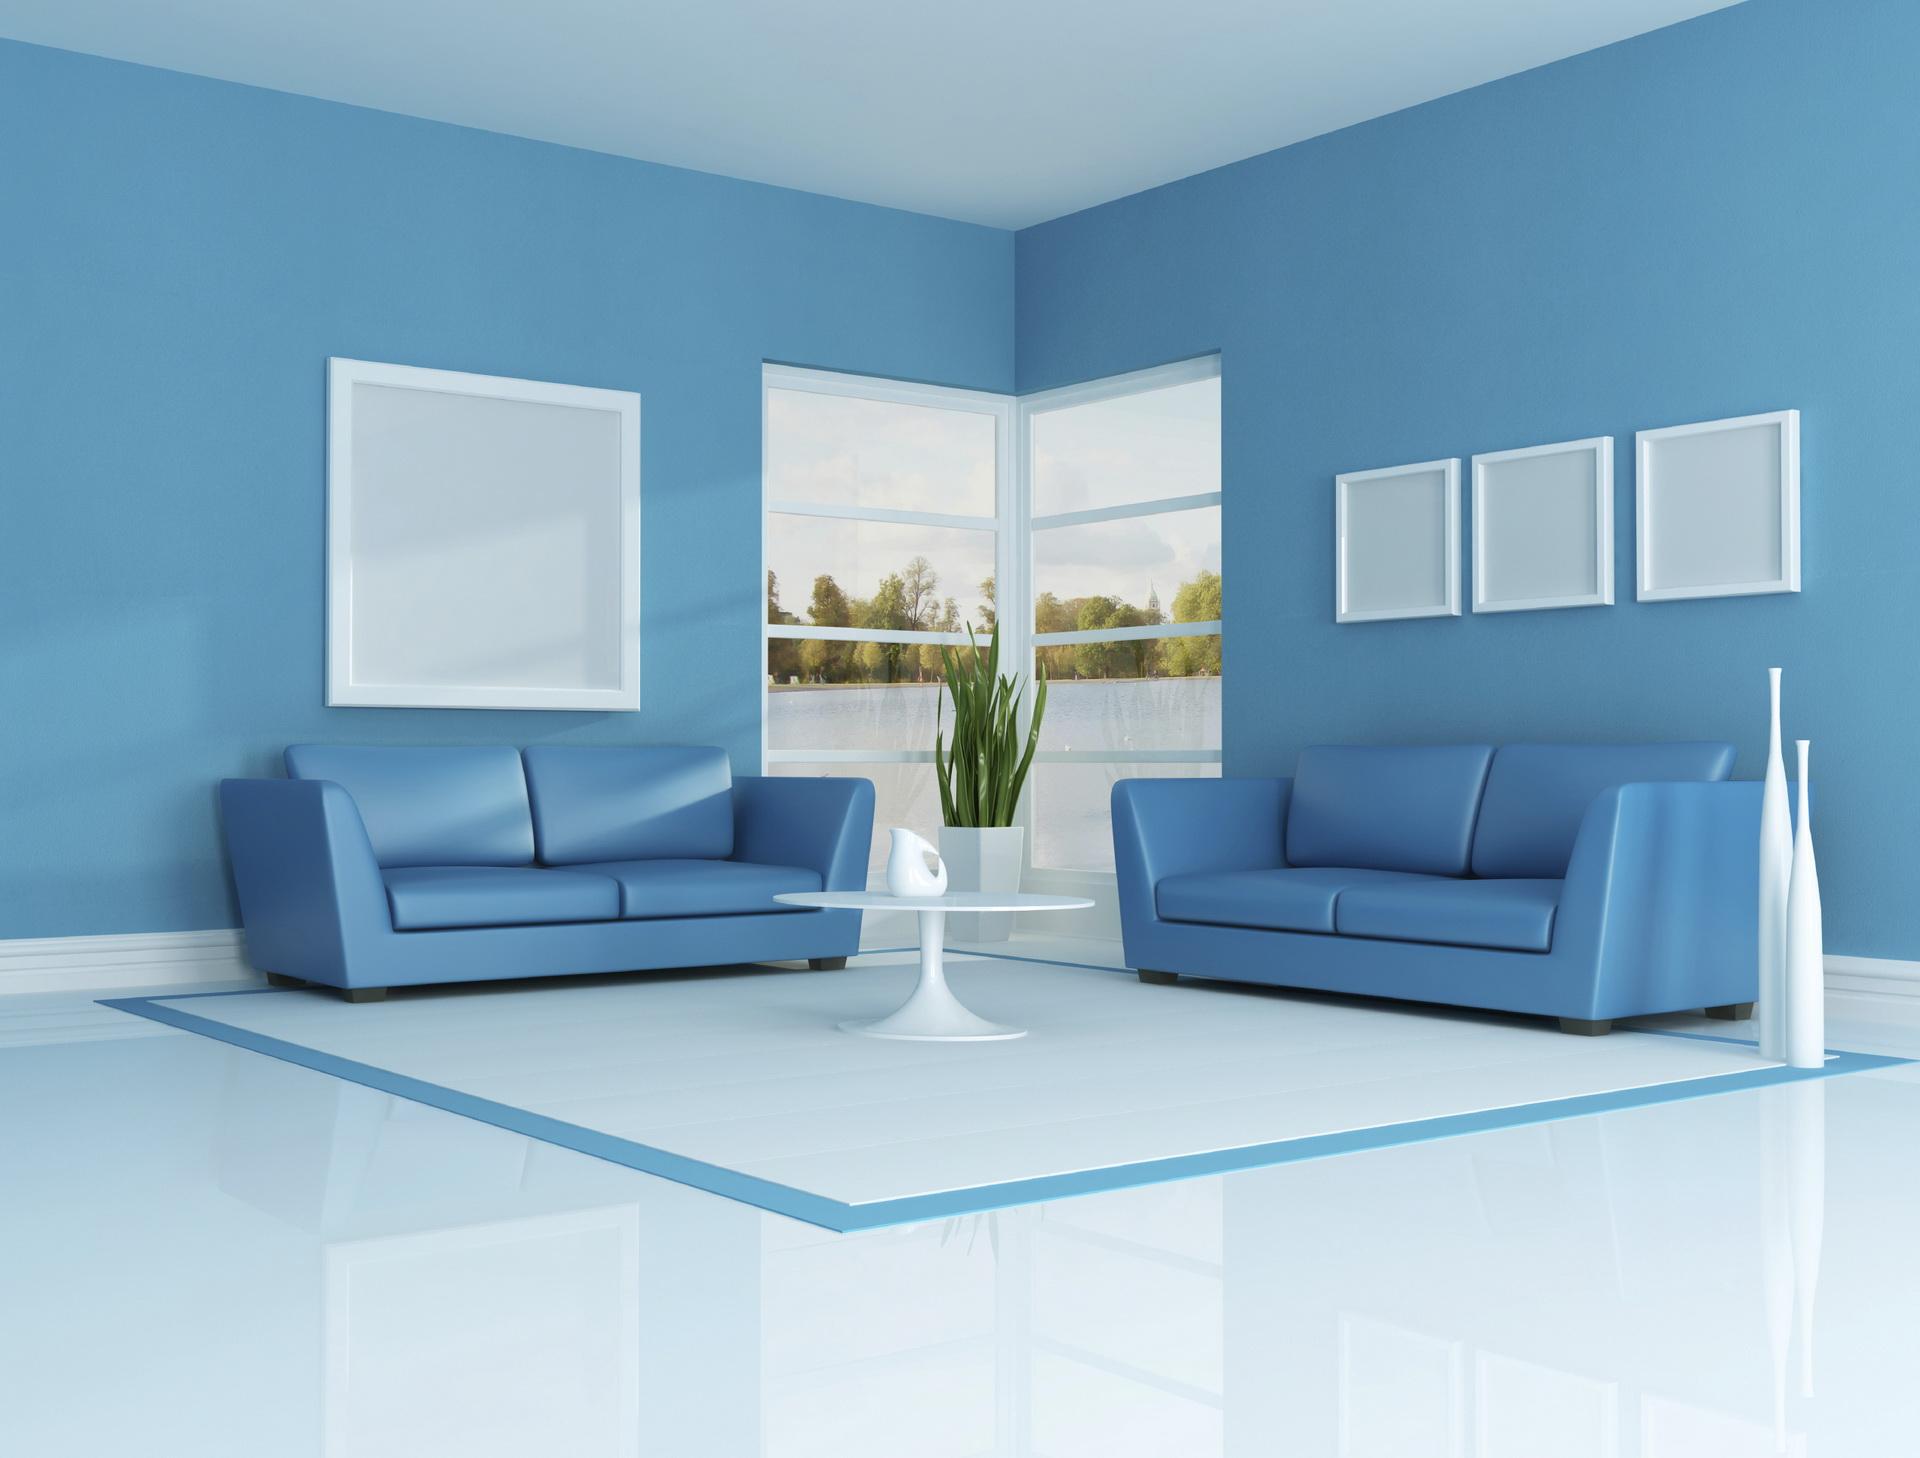 asian paints colour shades blue photo - 2